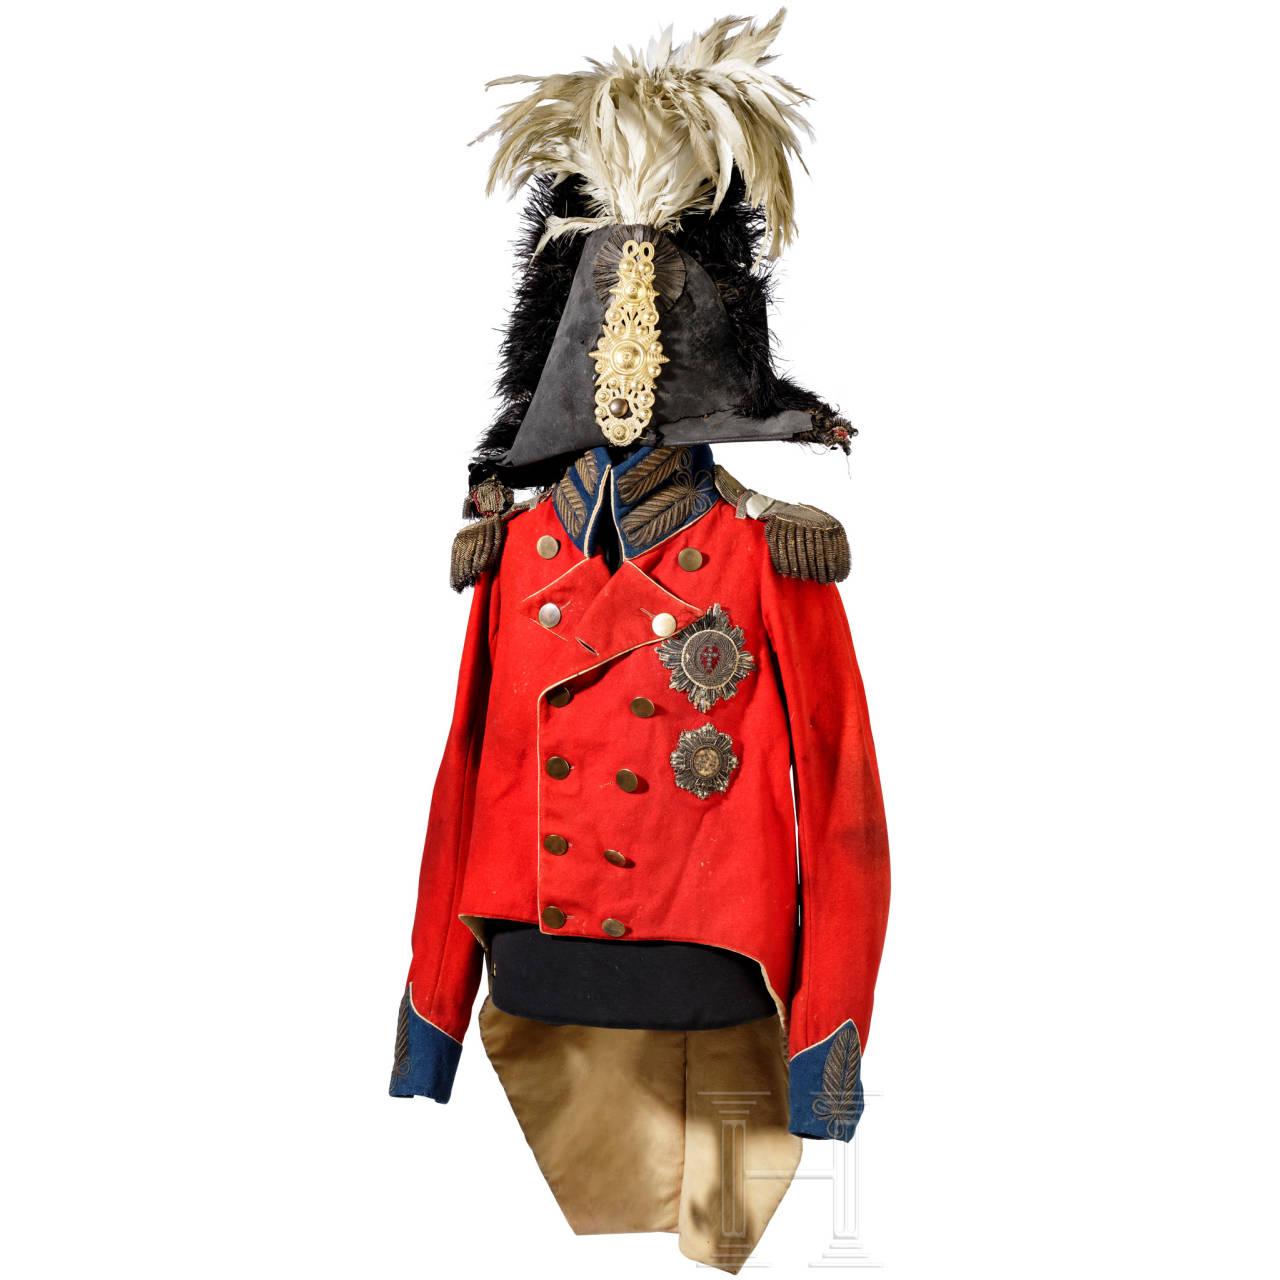 König Frederik VI. von Dänemark, Herzog von Lauenburg (1768 - 1839) - Uniform als General, um 1814/20